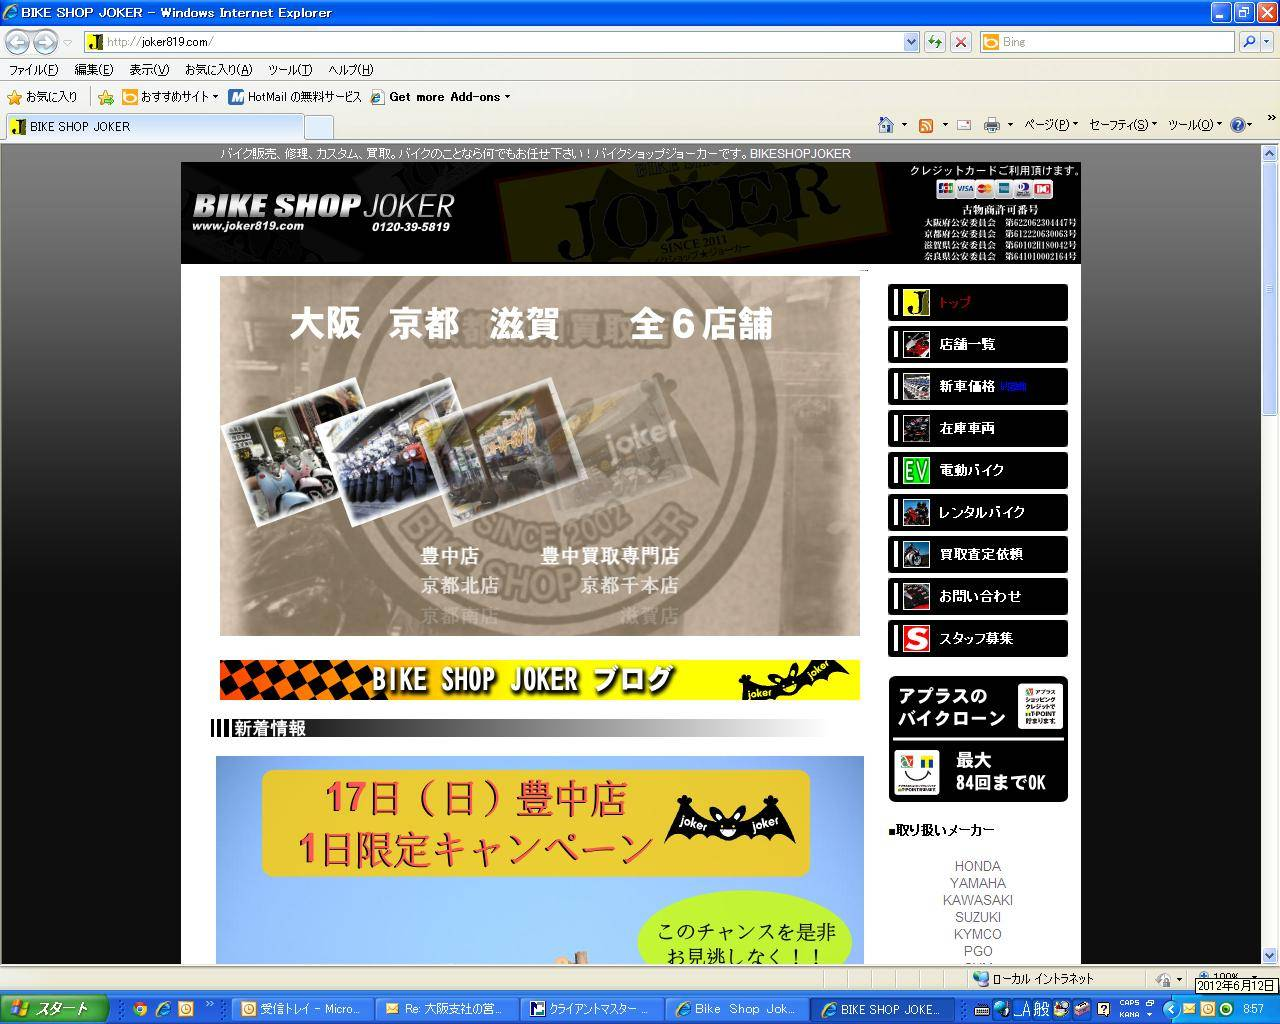 バイクショップ ジョーカー 京都北店 OFFICE GUTS�